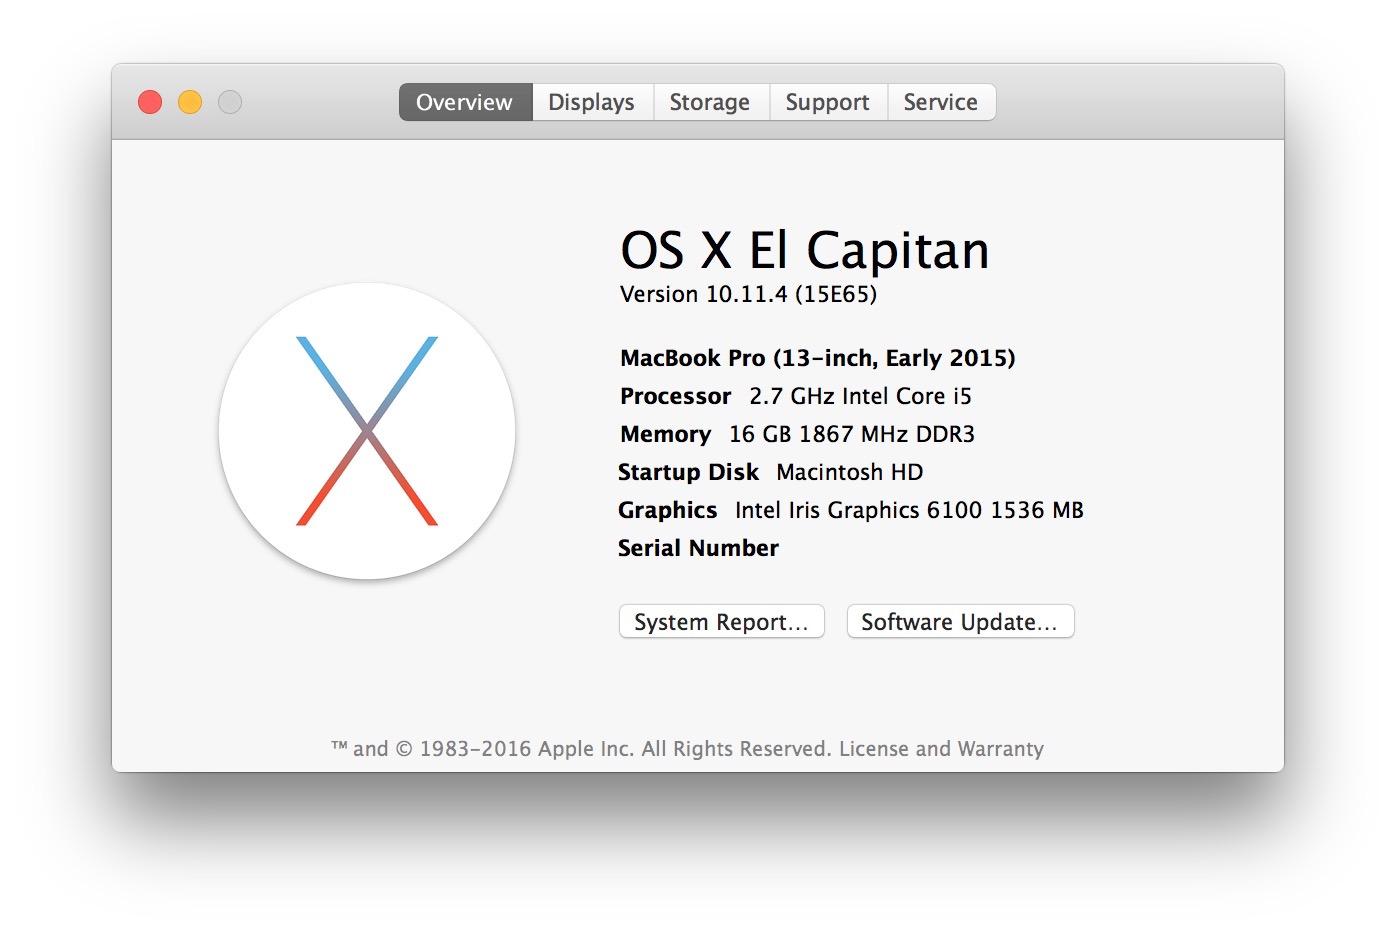 Update mac to os x 10.11